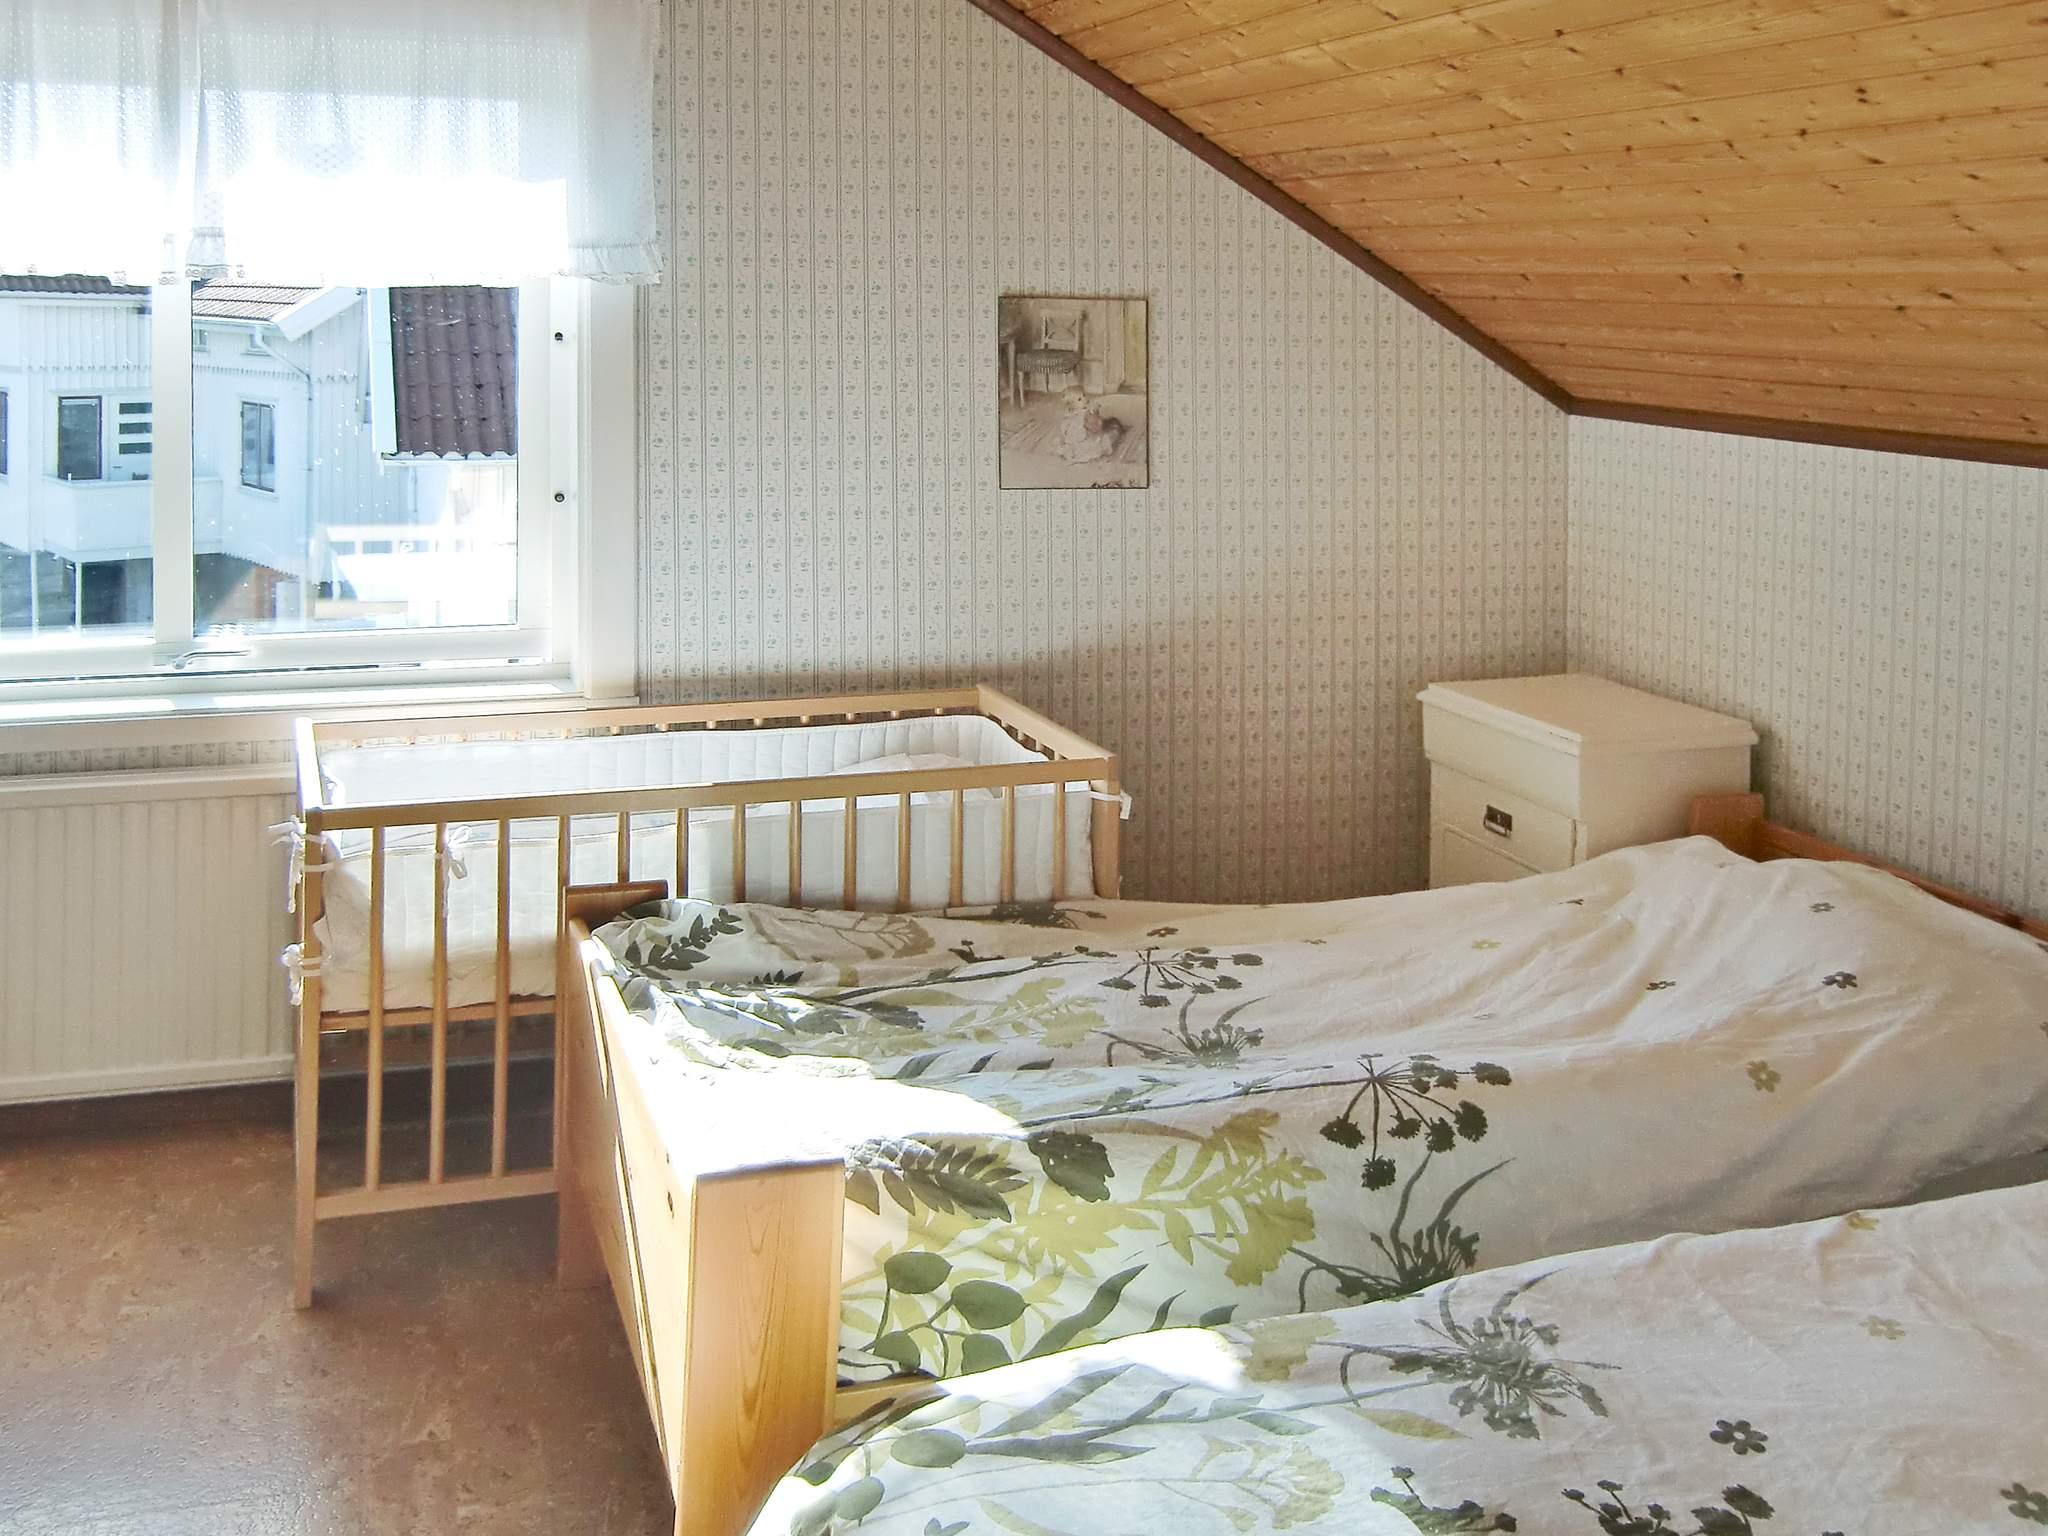 Ferienhaus Tjörn/Skärhamn (835087), Skärhamn, Tjörn, Westschweden, Schweden, Bild 6